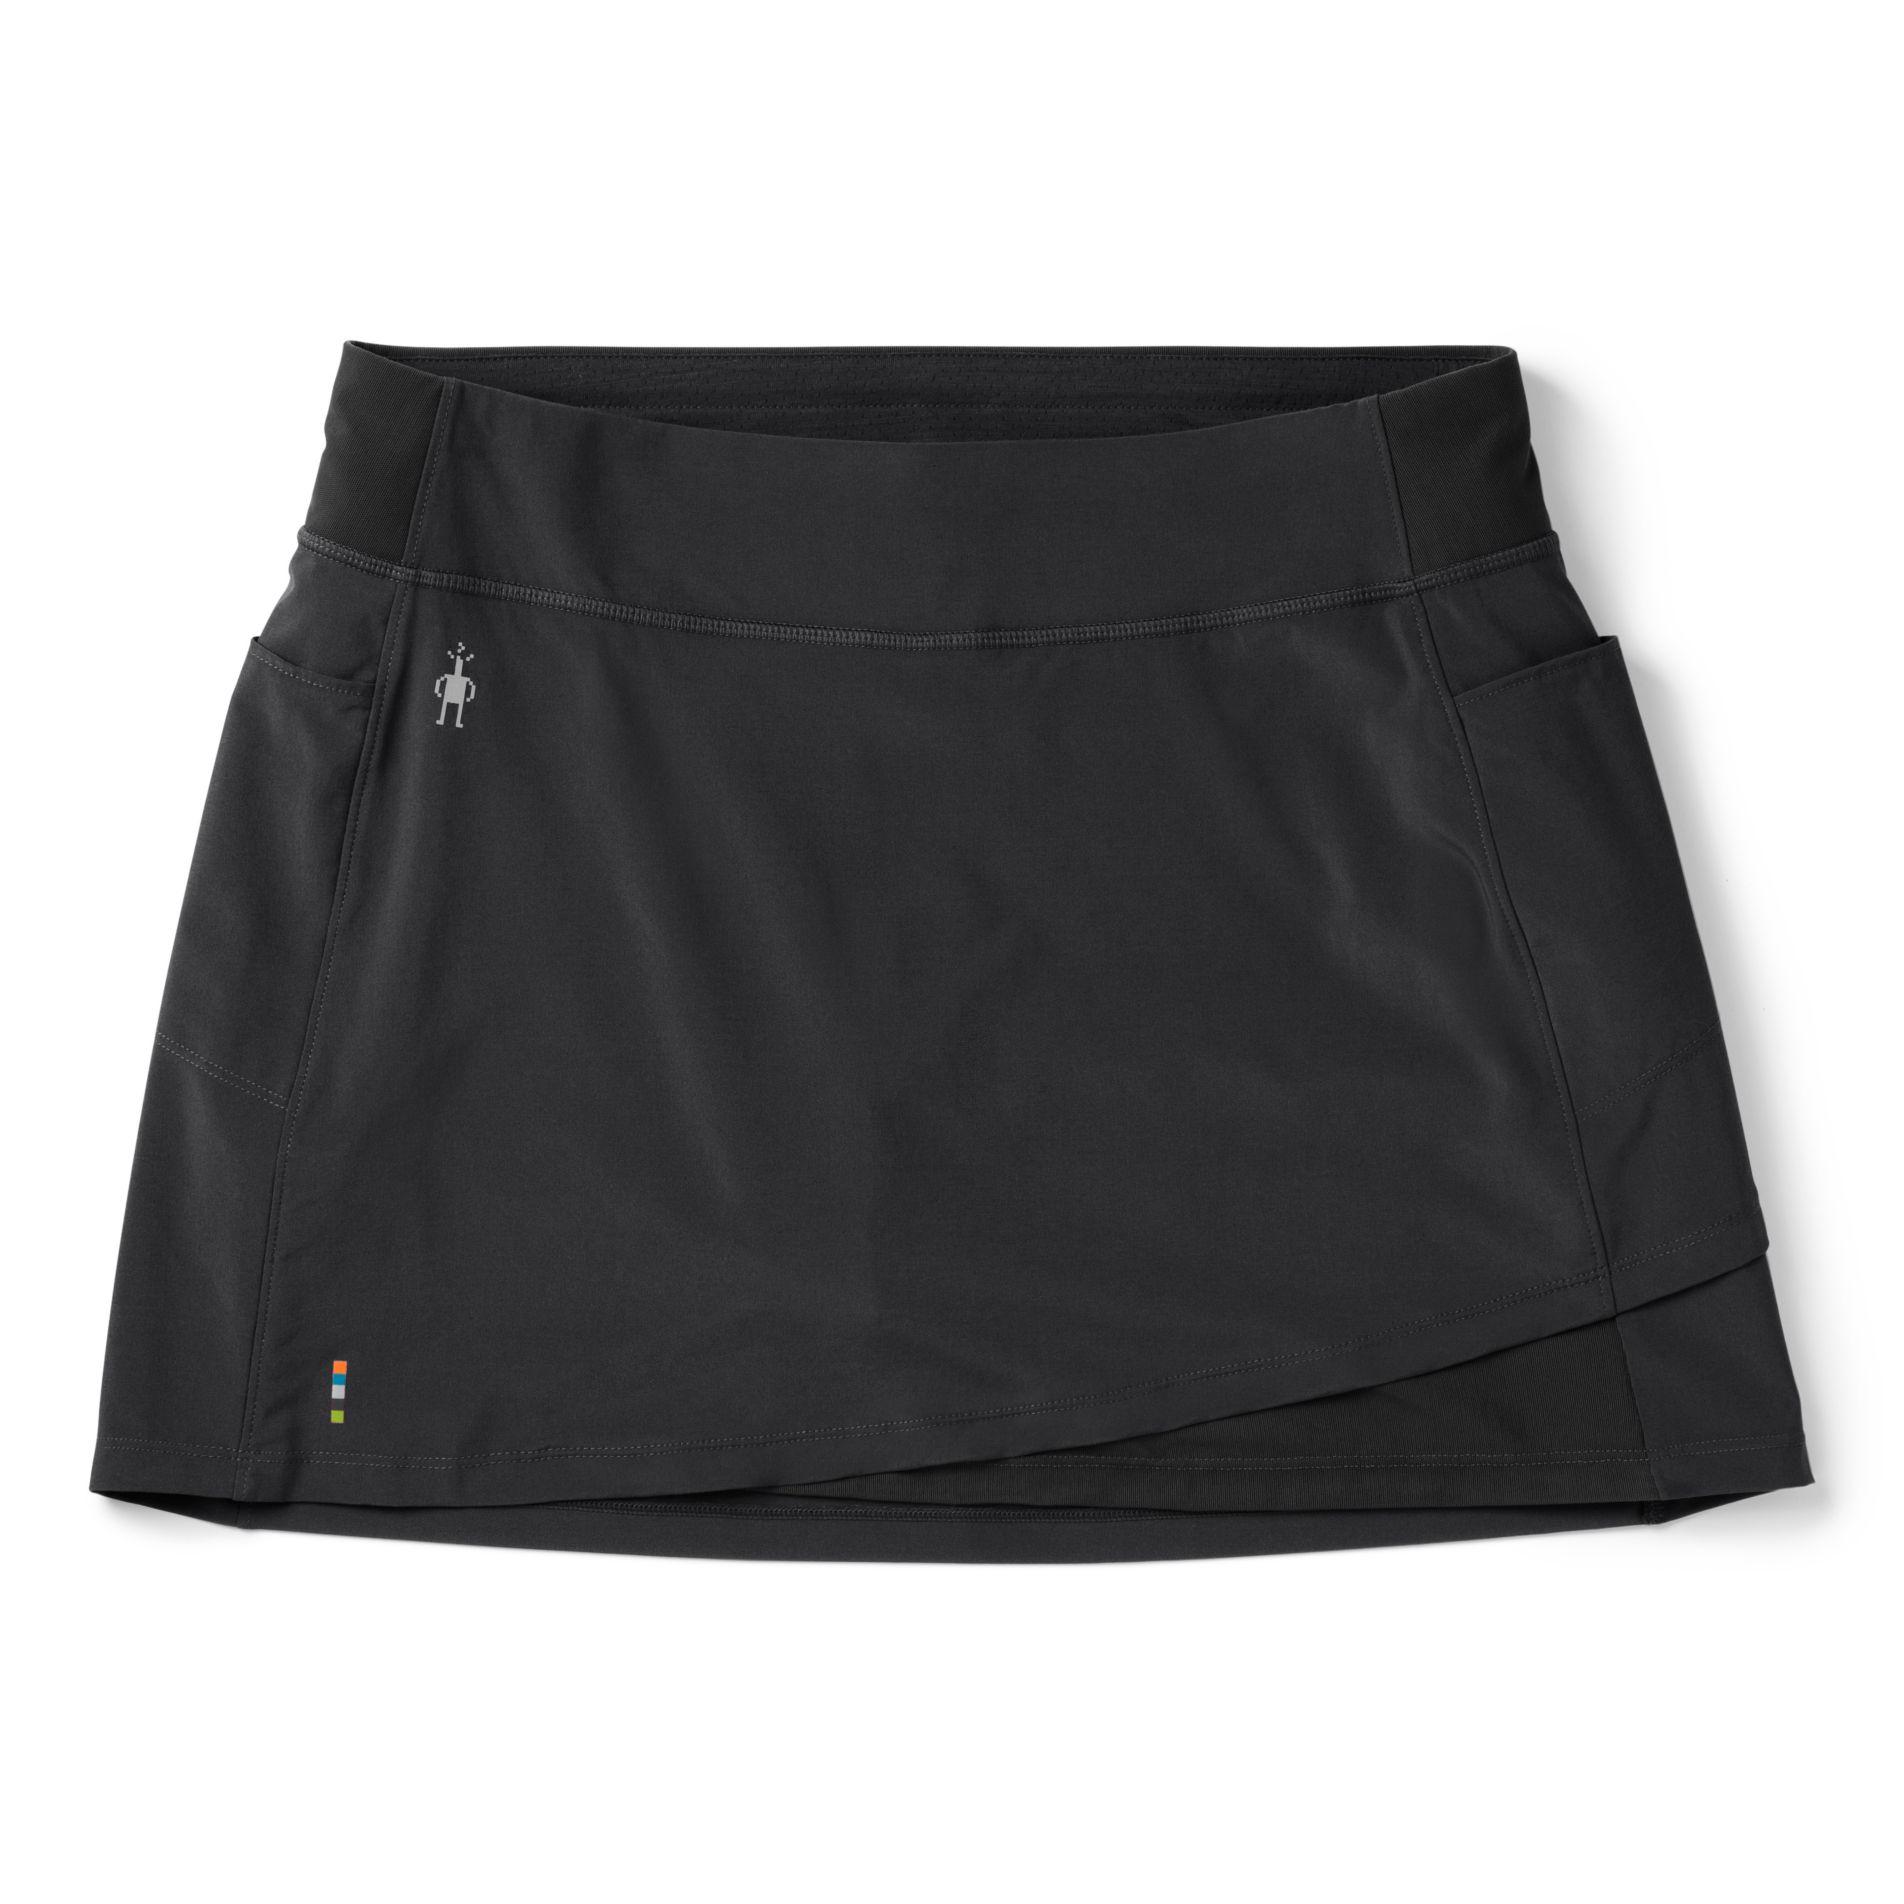 Merino Sport Lined Skirt - Women's